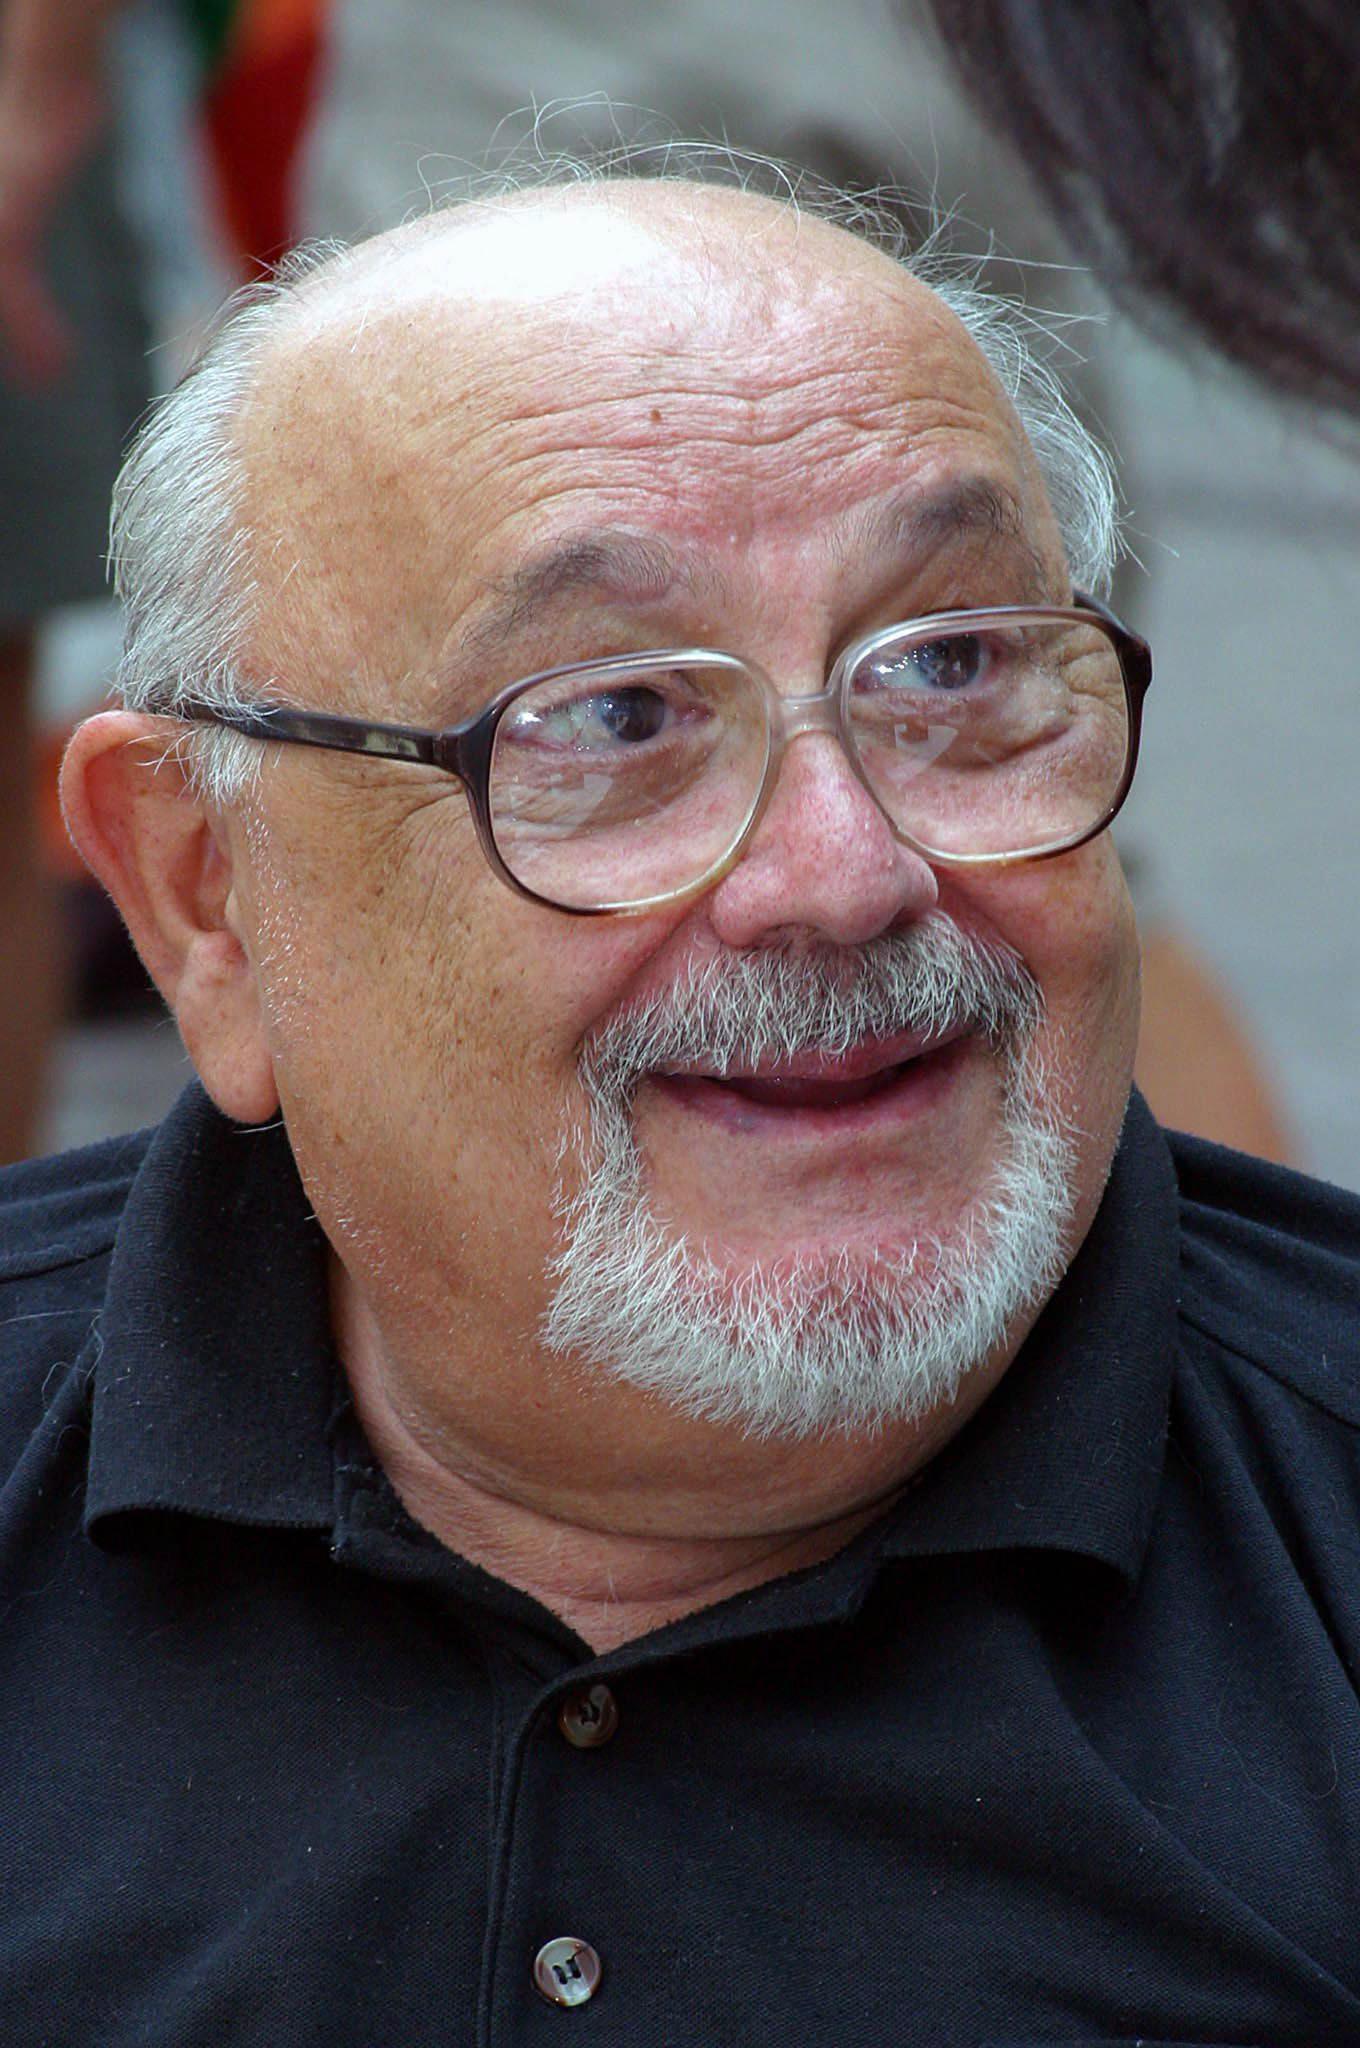 Egy vidám, kedves bácsi / Fotó: MTI